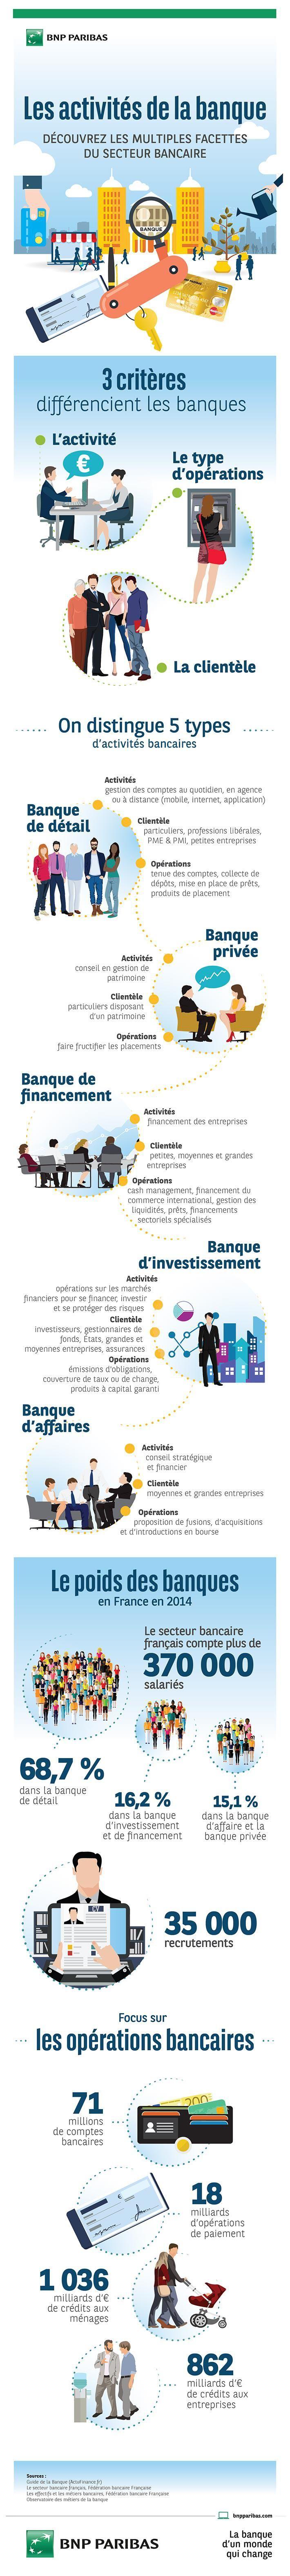 [Infographie] Les activités de la banque : Découvrez les multiples facettes du secteur bancaire